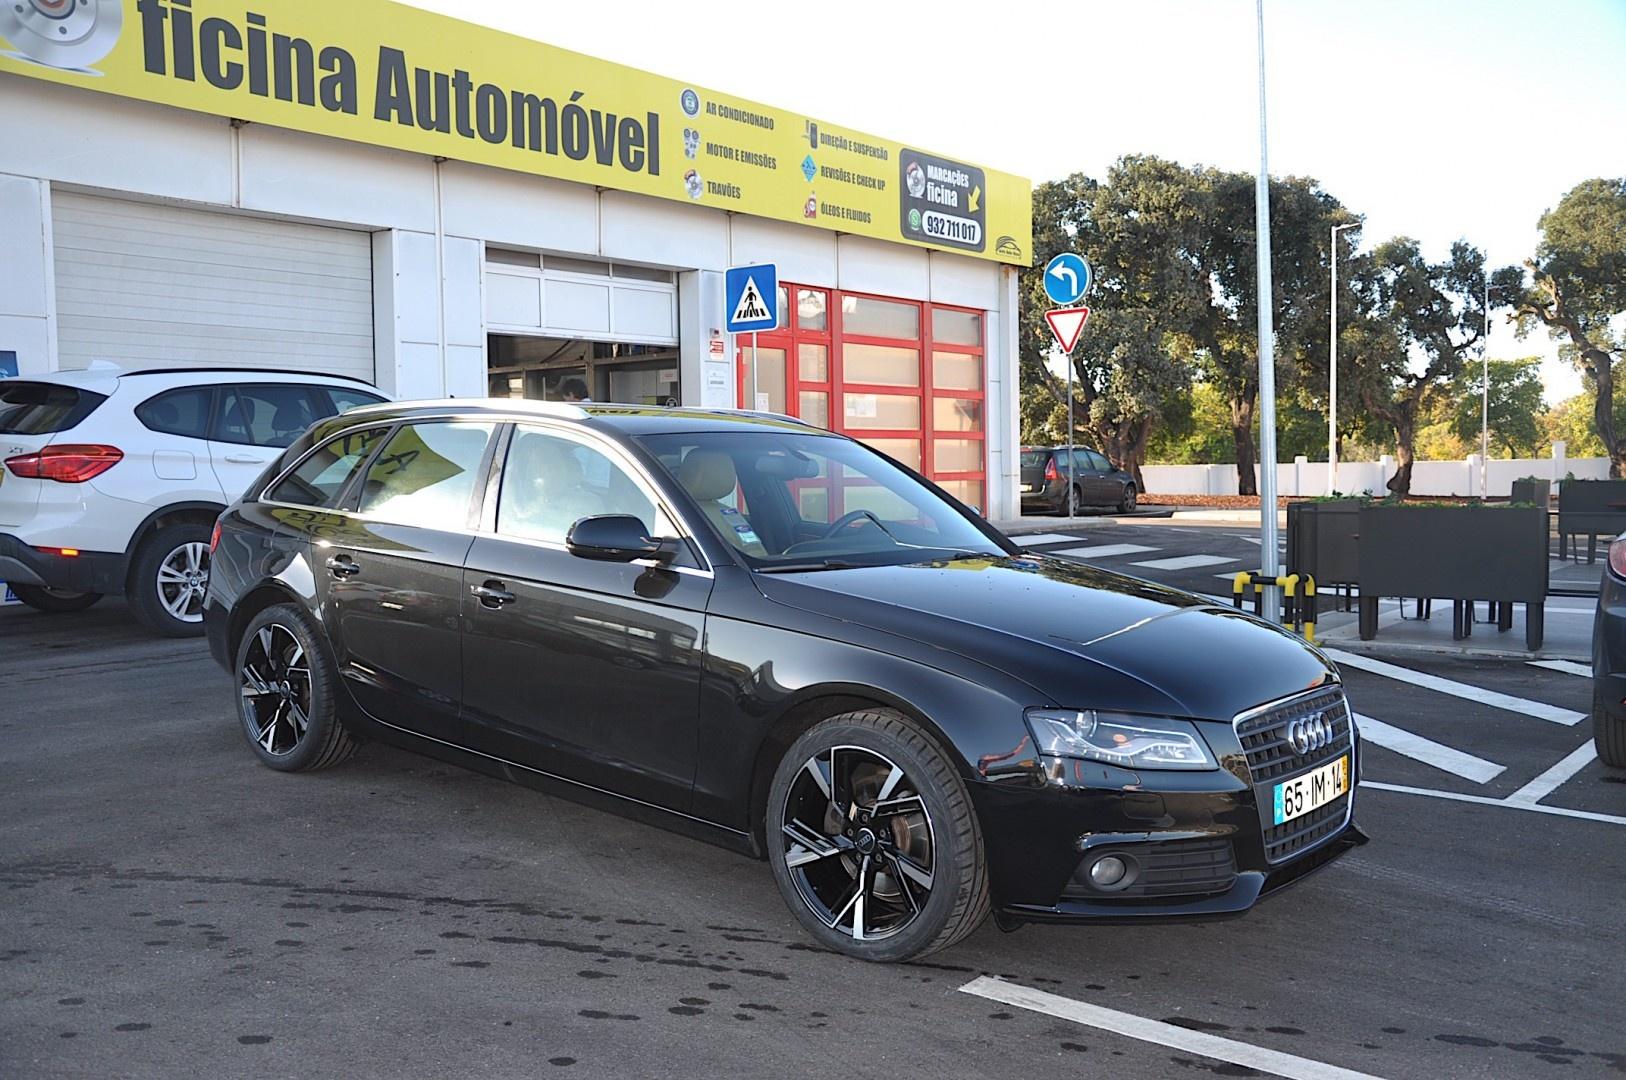 Audi A4 Avant 2.0Tdi